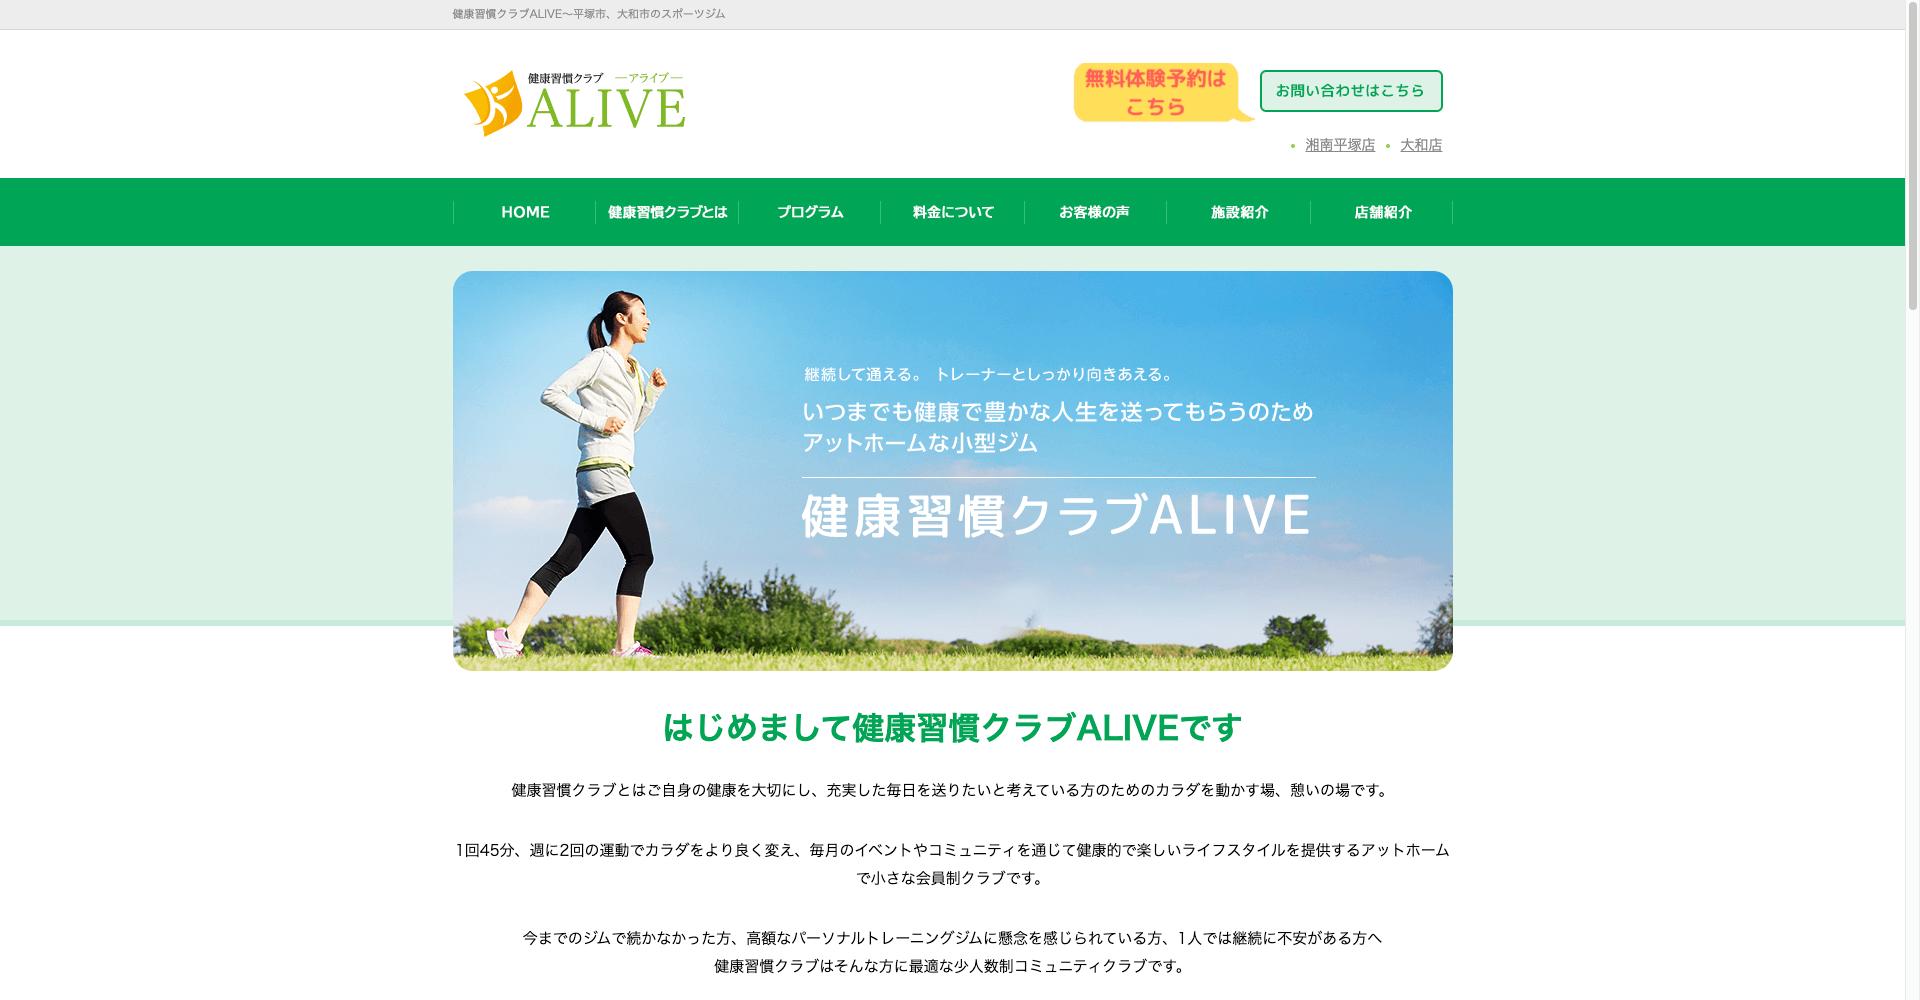 健康習慣クラブALIVE 大和店